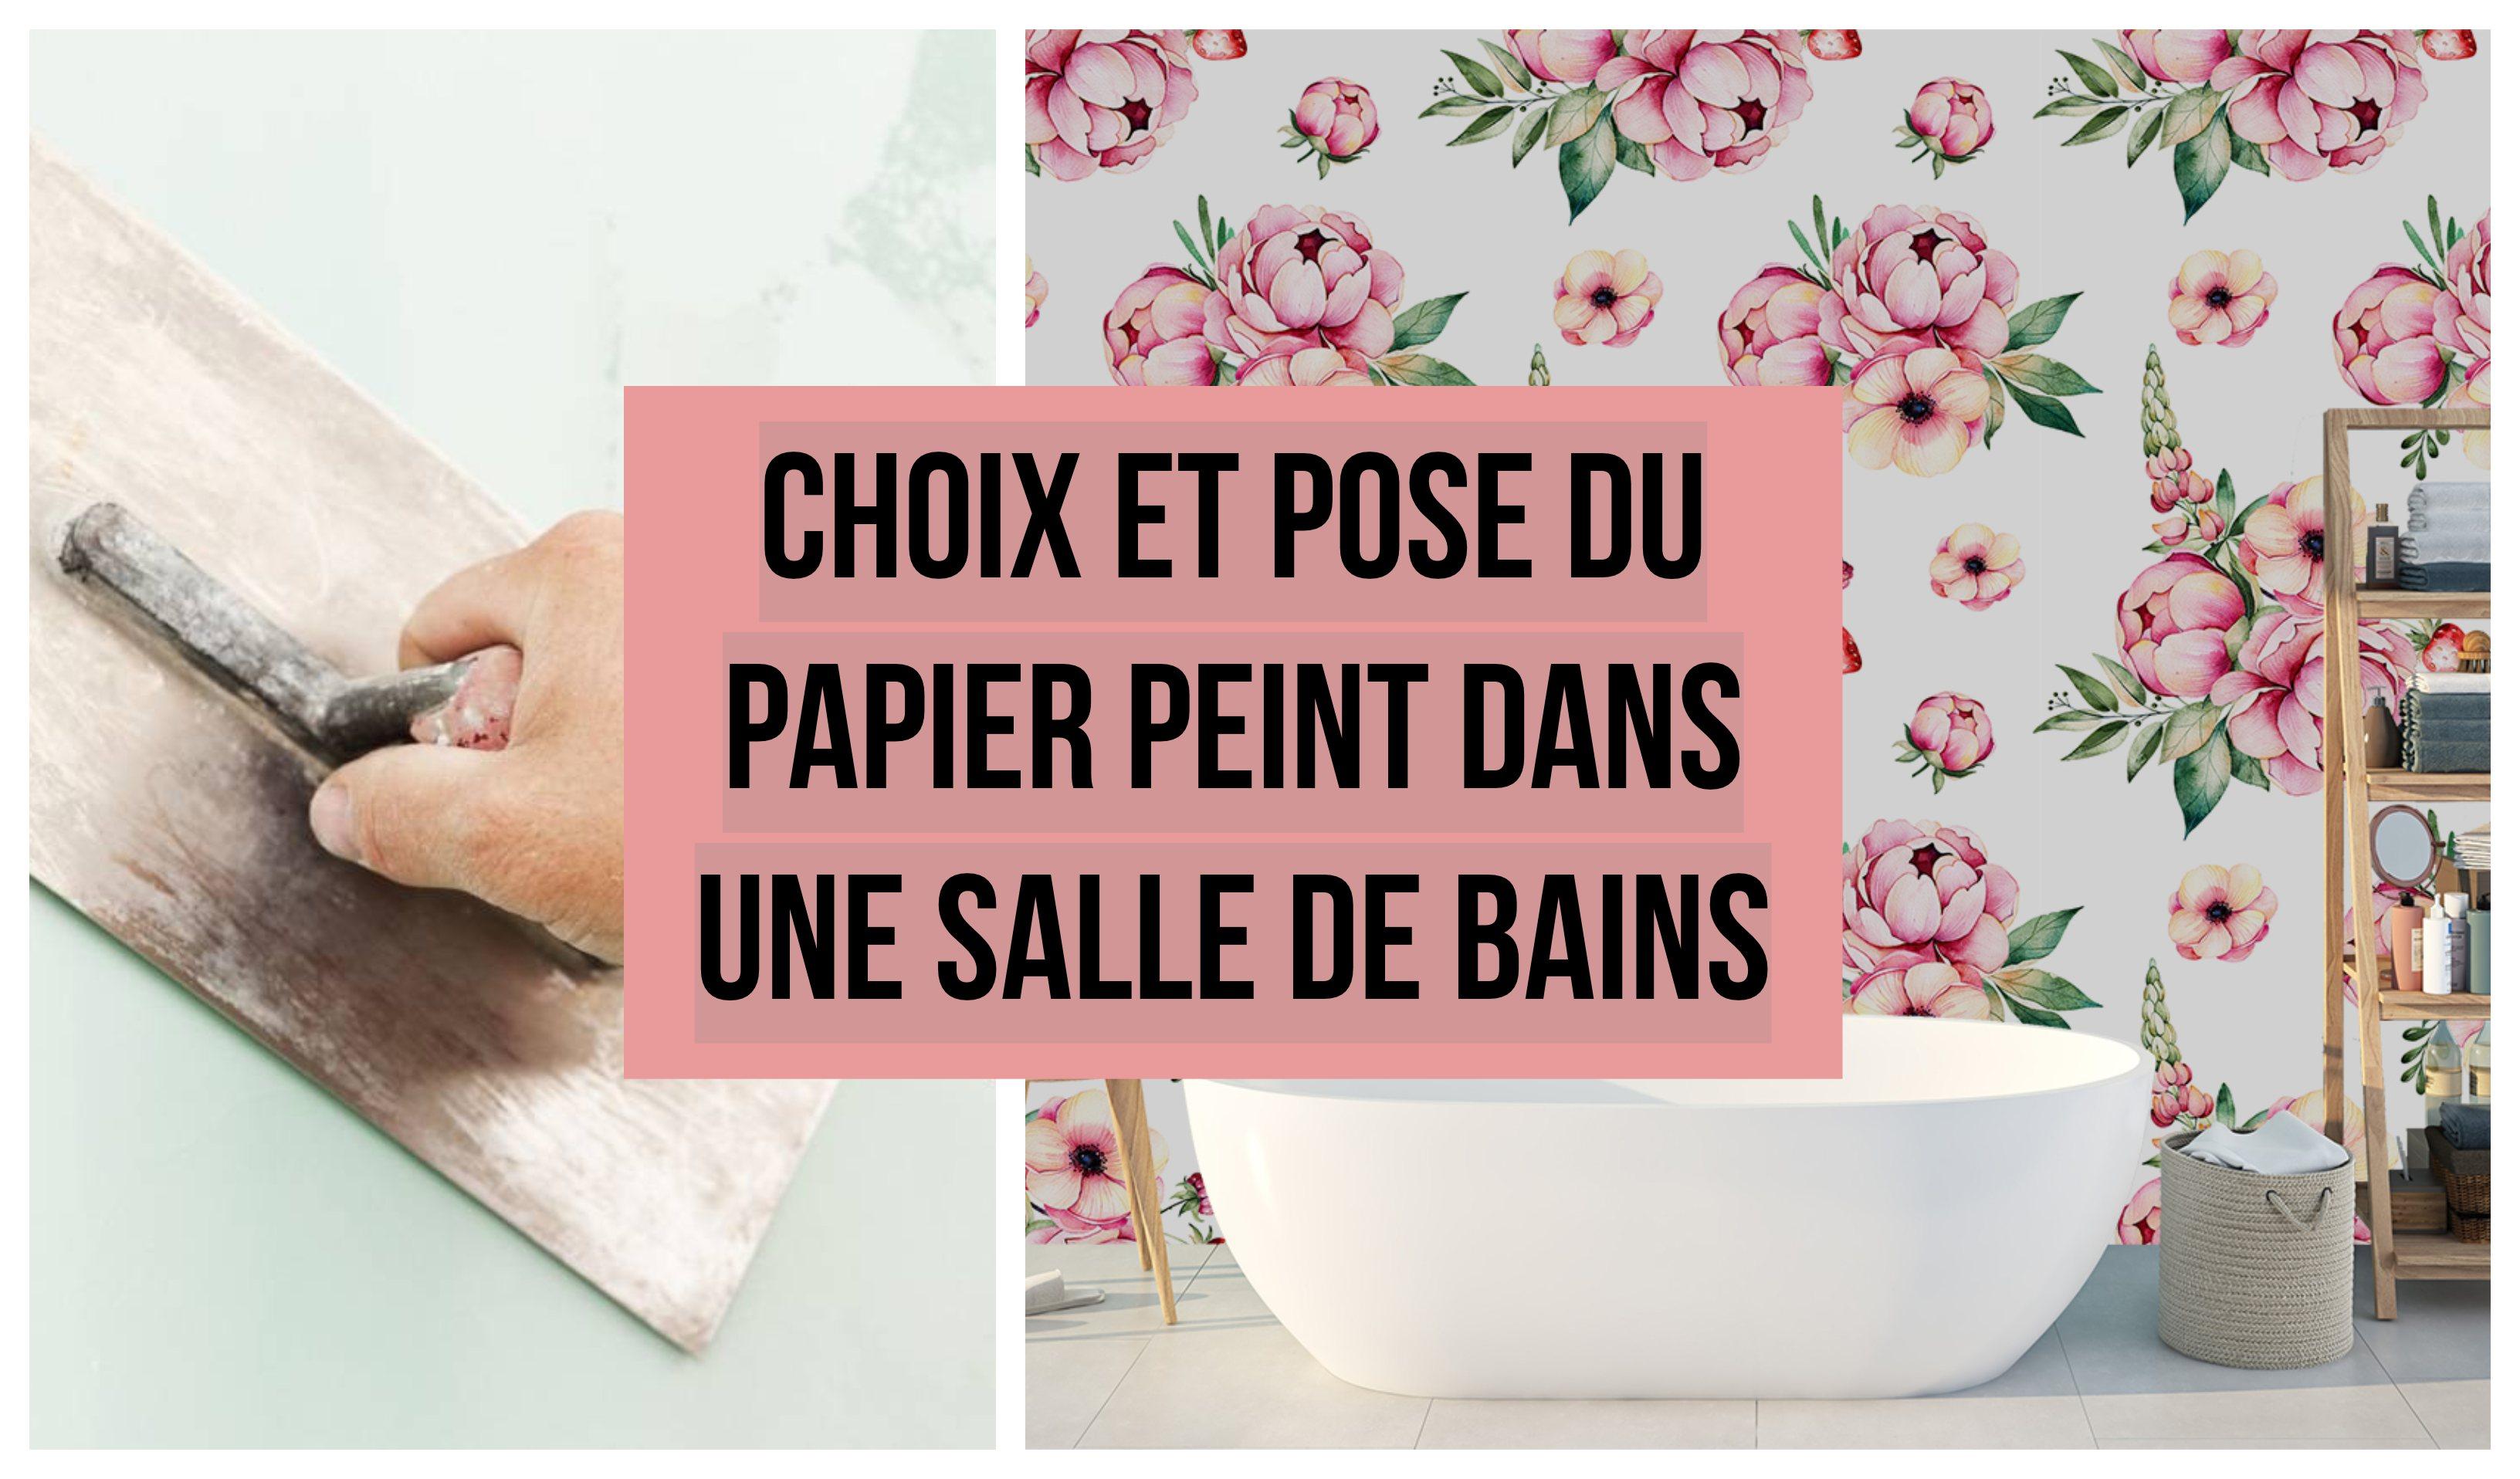 Papier Salle De Bain choix et pose du papier peint dans votre salle de bains